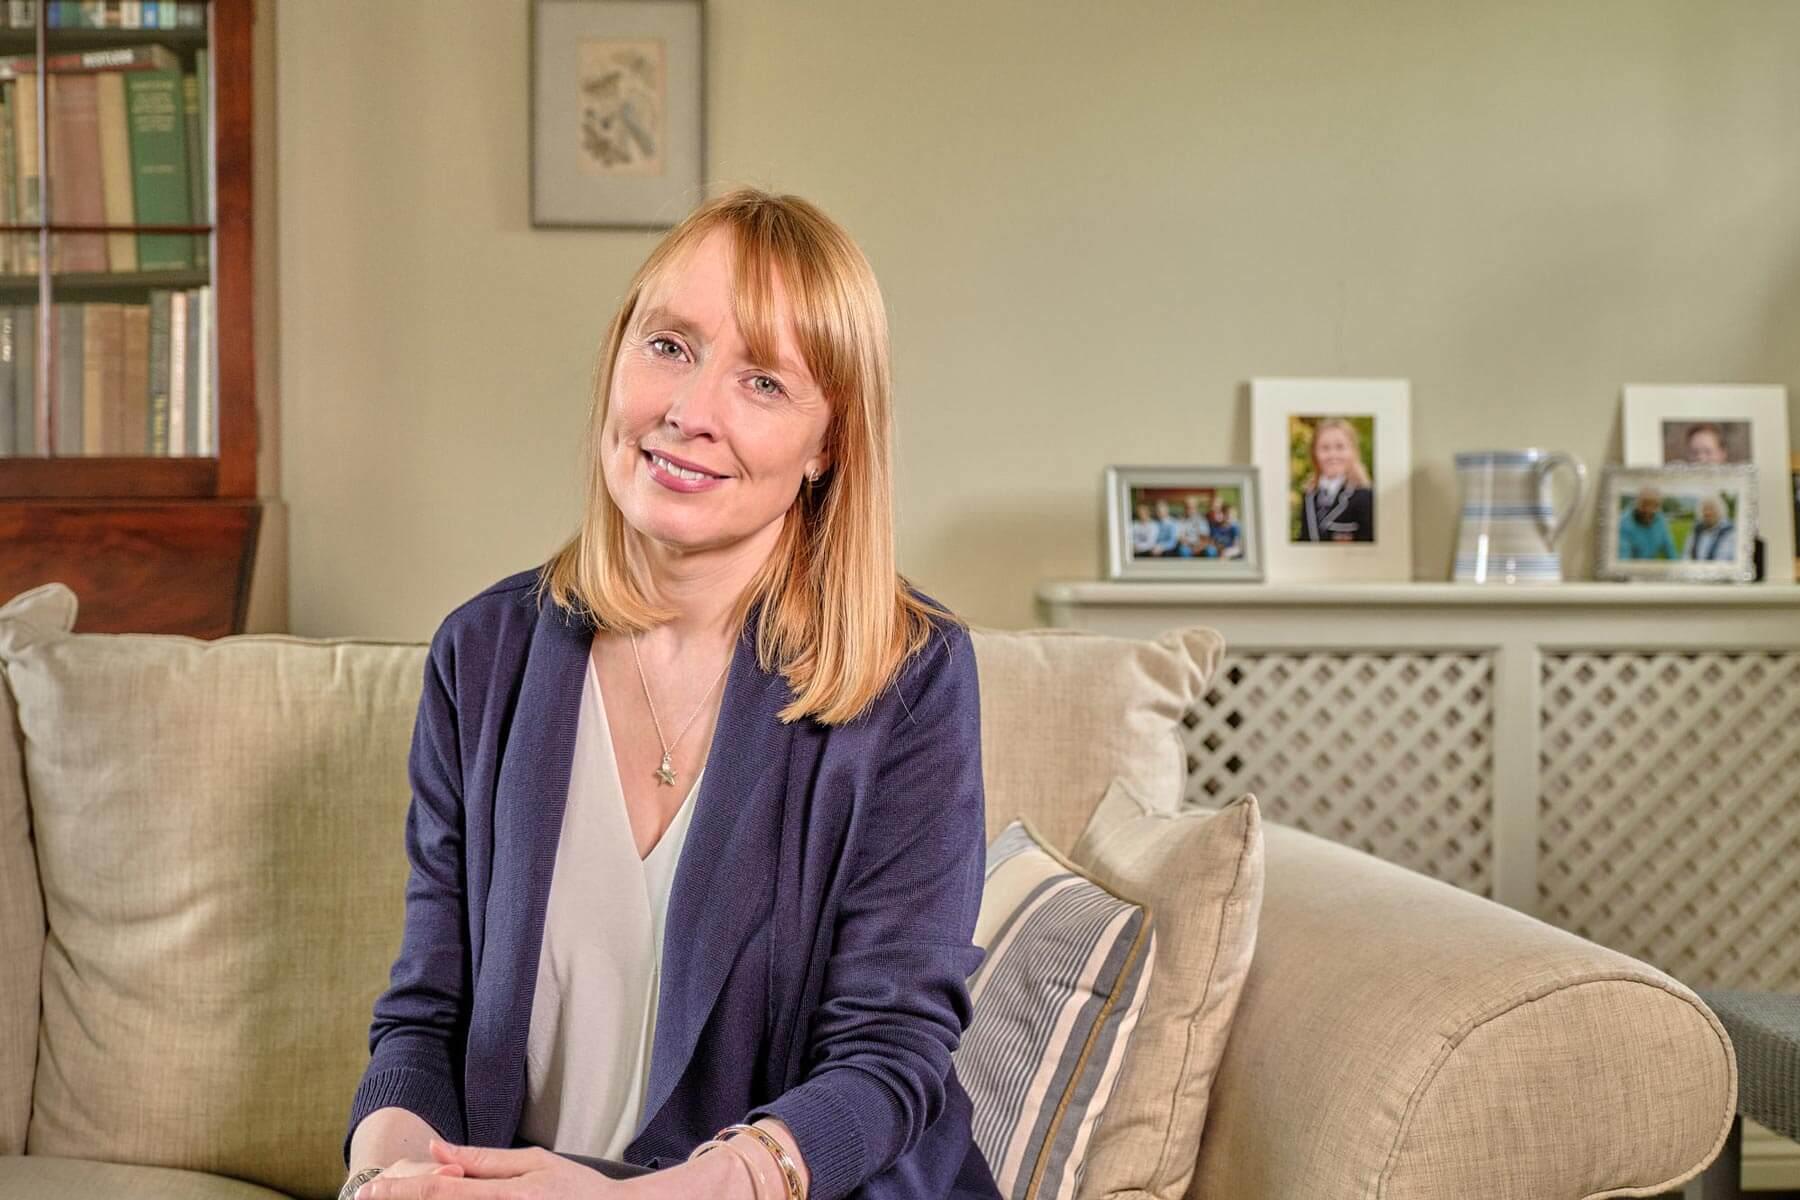 Fiona Reith Career Coach sat on sofa